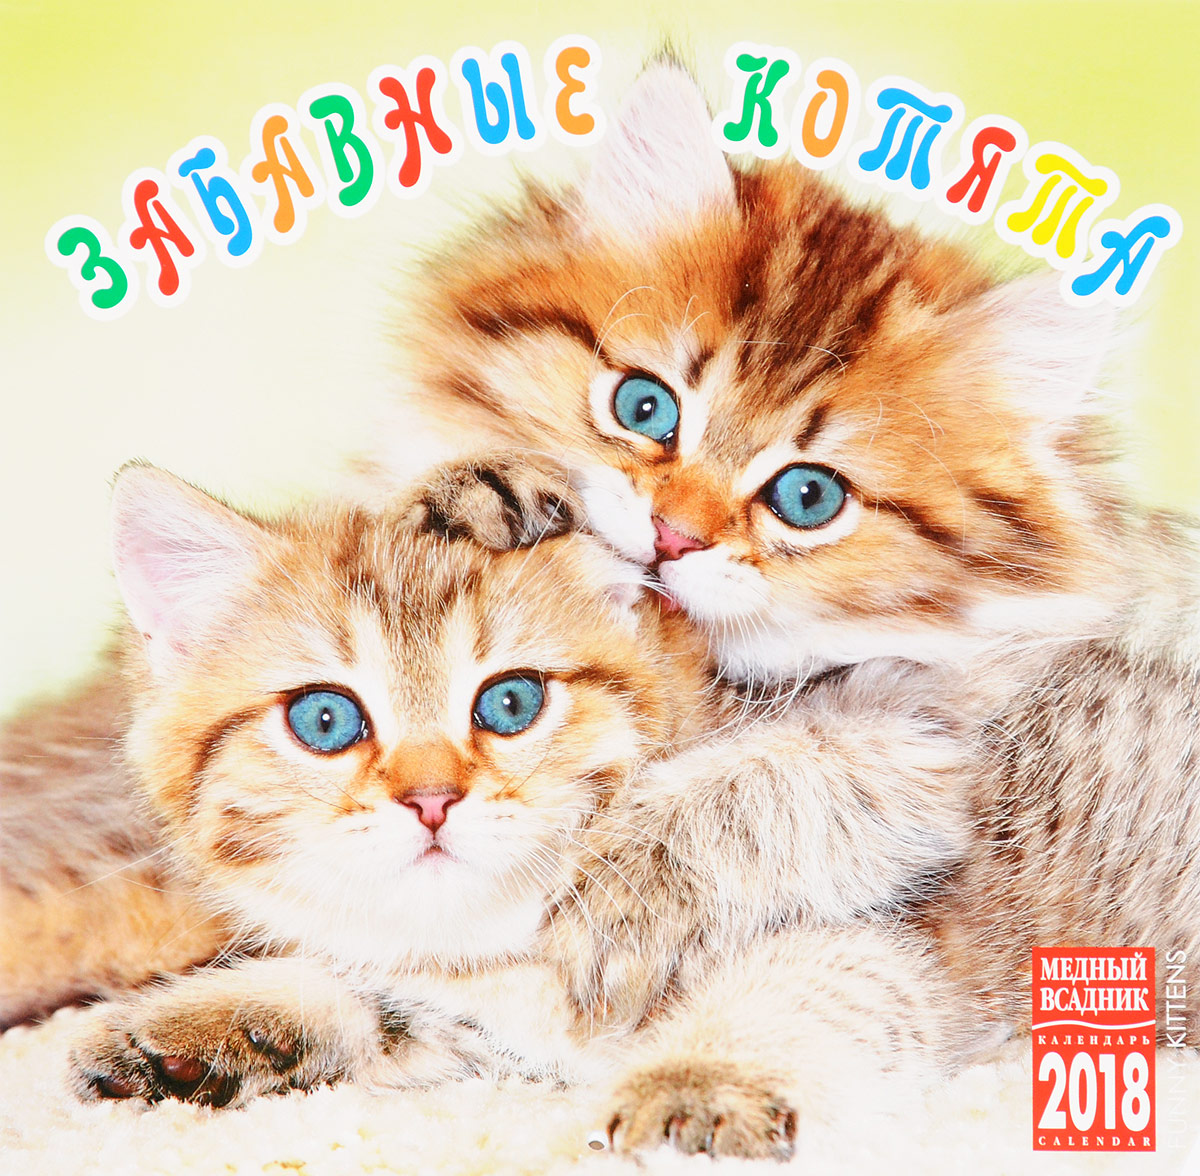 Календарь на 2018 год (на скрепке). Забавные котята календарь 2018 год календарь антистресс раскраска